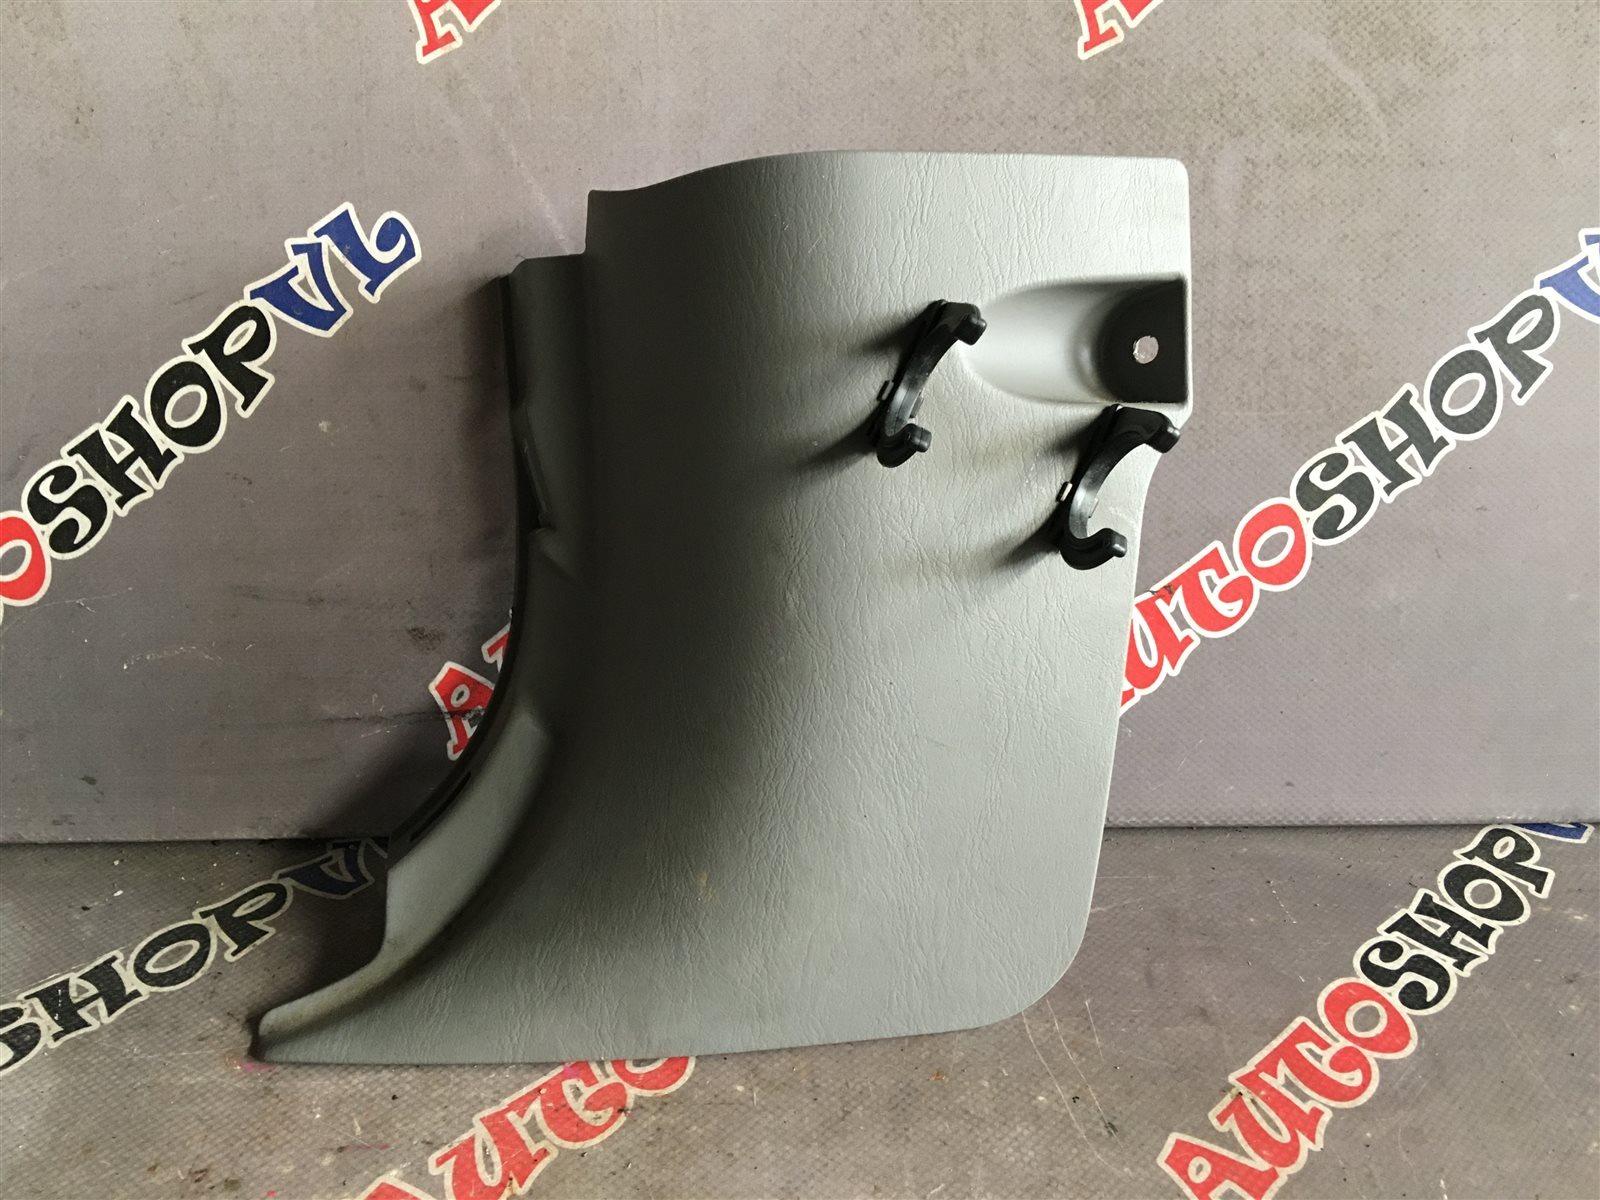 Обшивка салона передняя левая TOYOTA VISTA ARDEO AZV50 1AZFSE 62102-32130-B0 контрактная